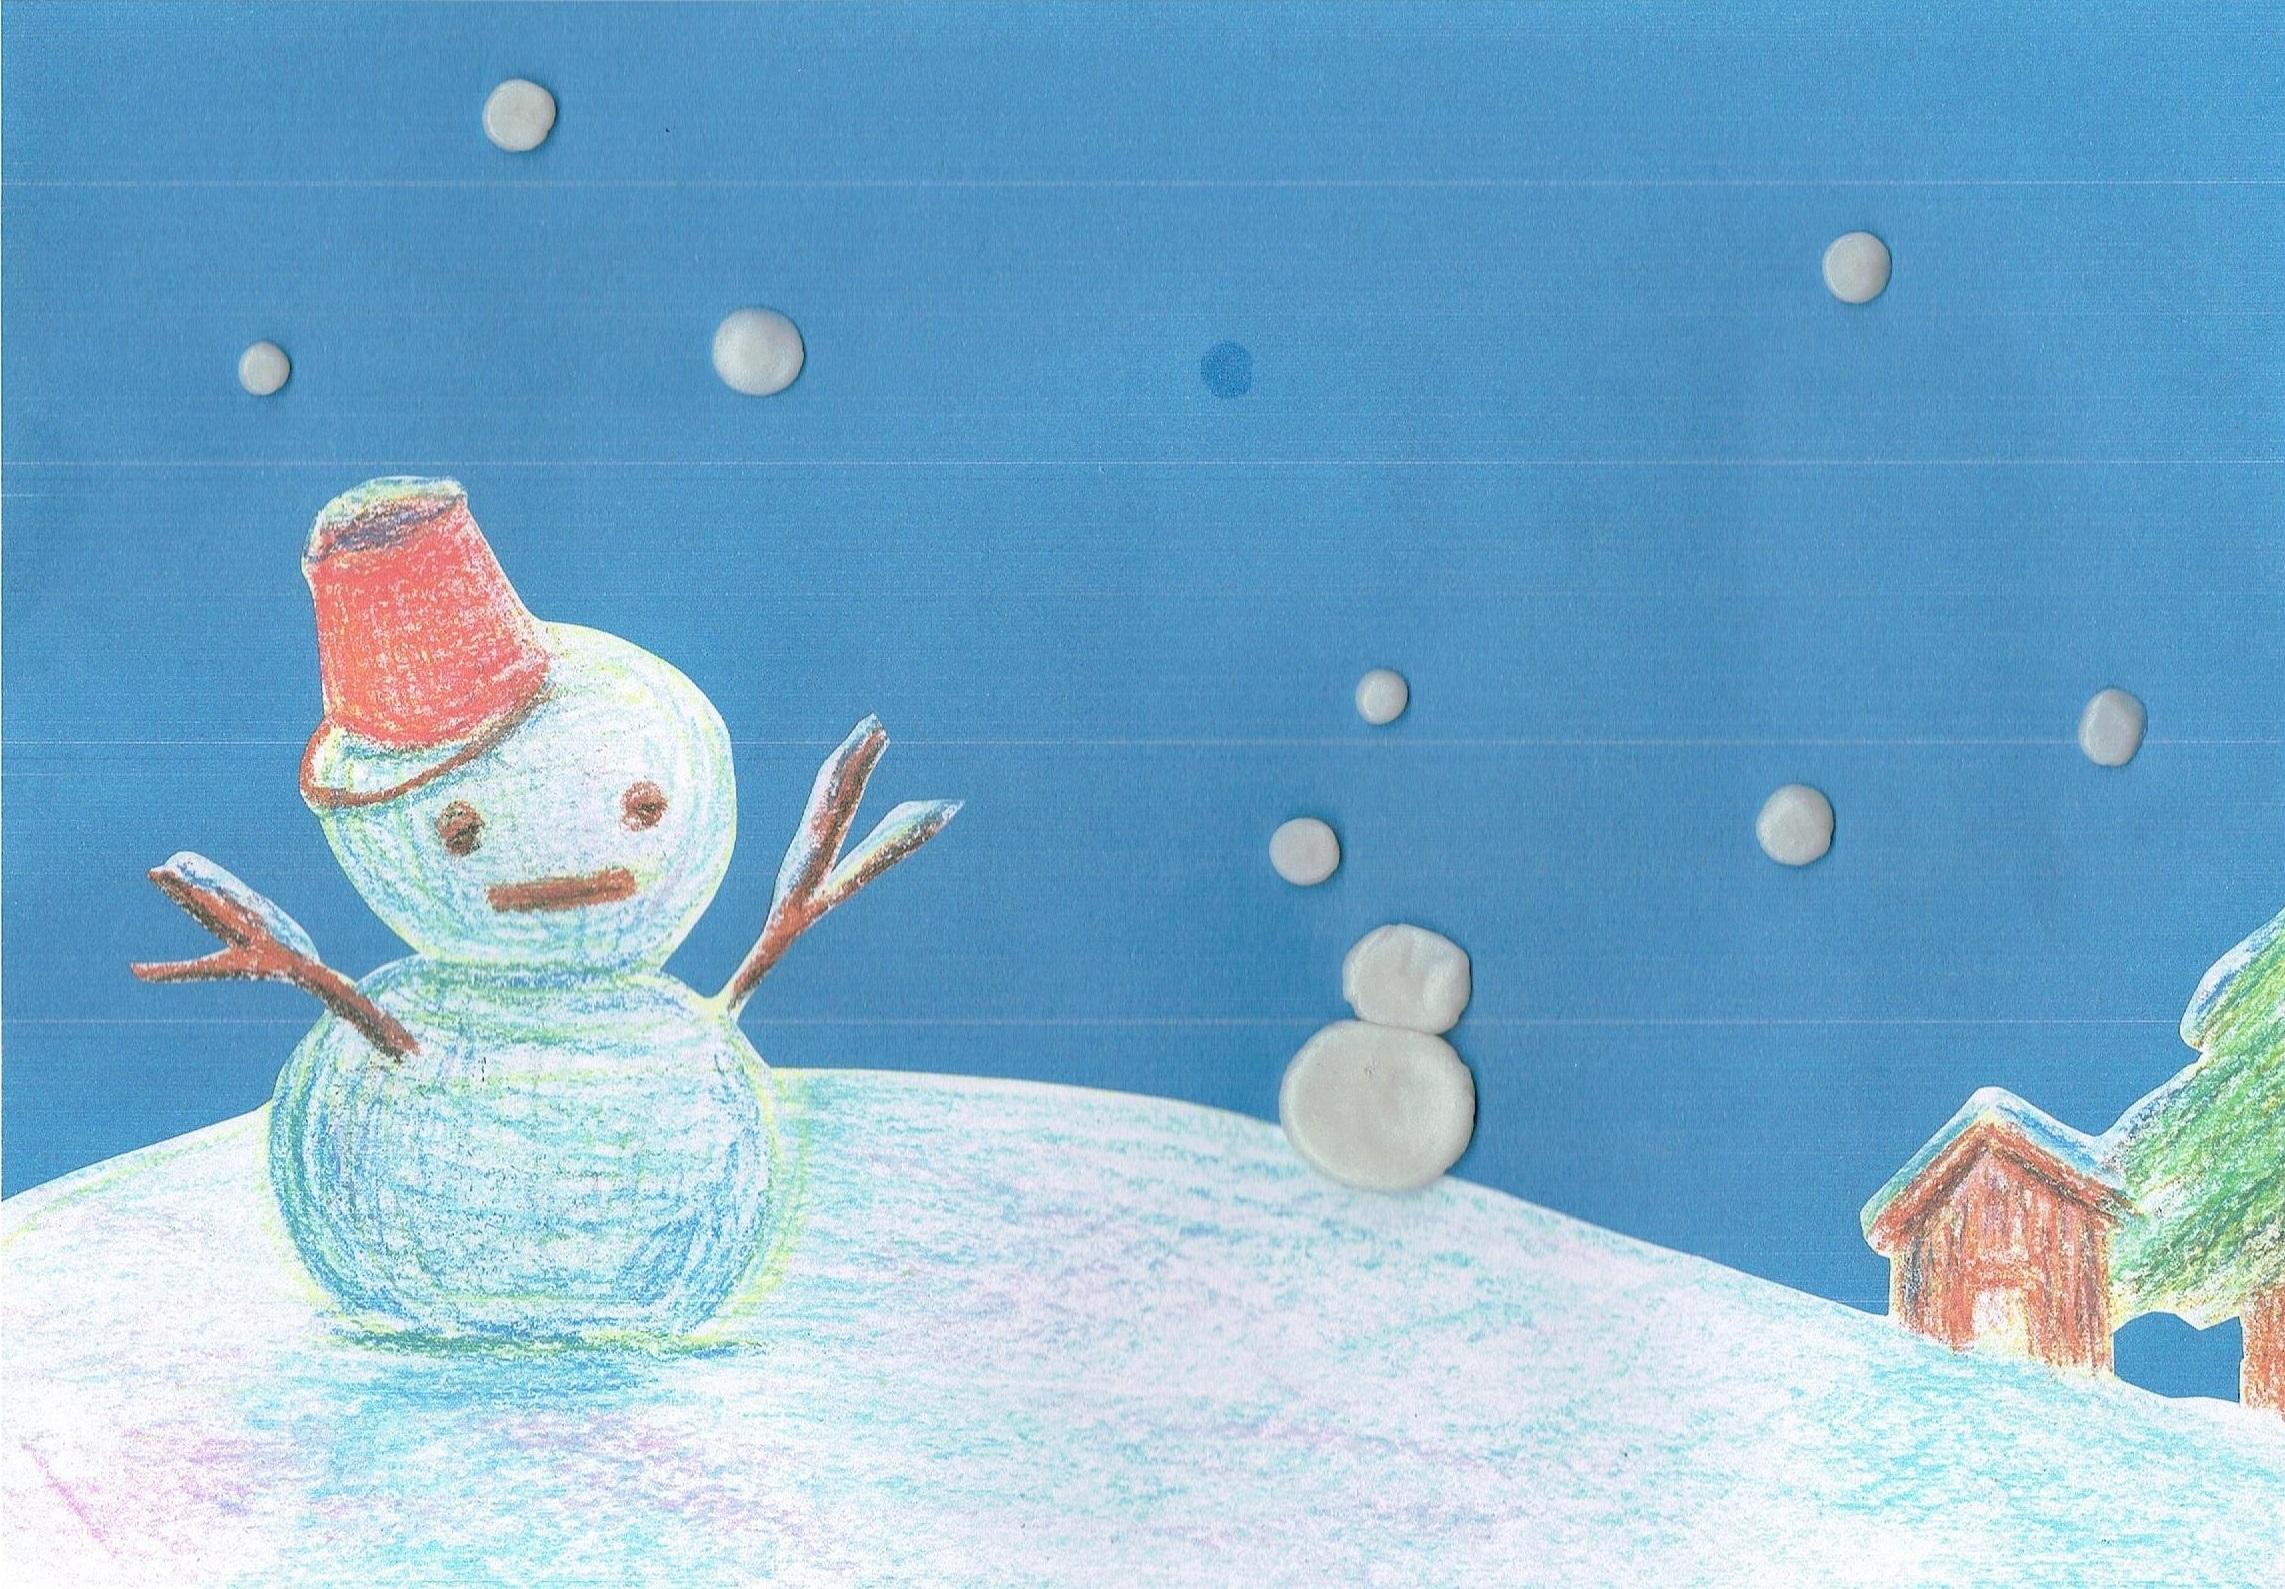 はじめてのネンドあそび~雪を降らせよう~